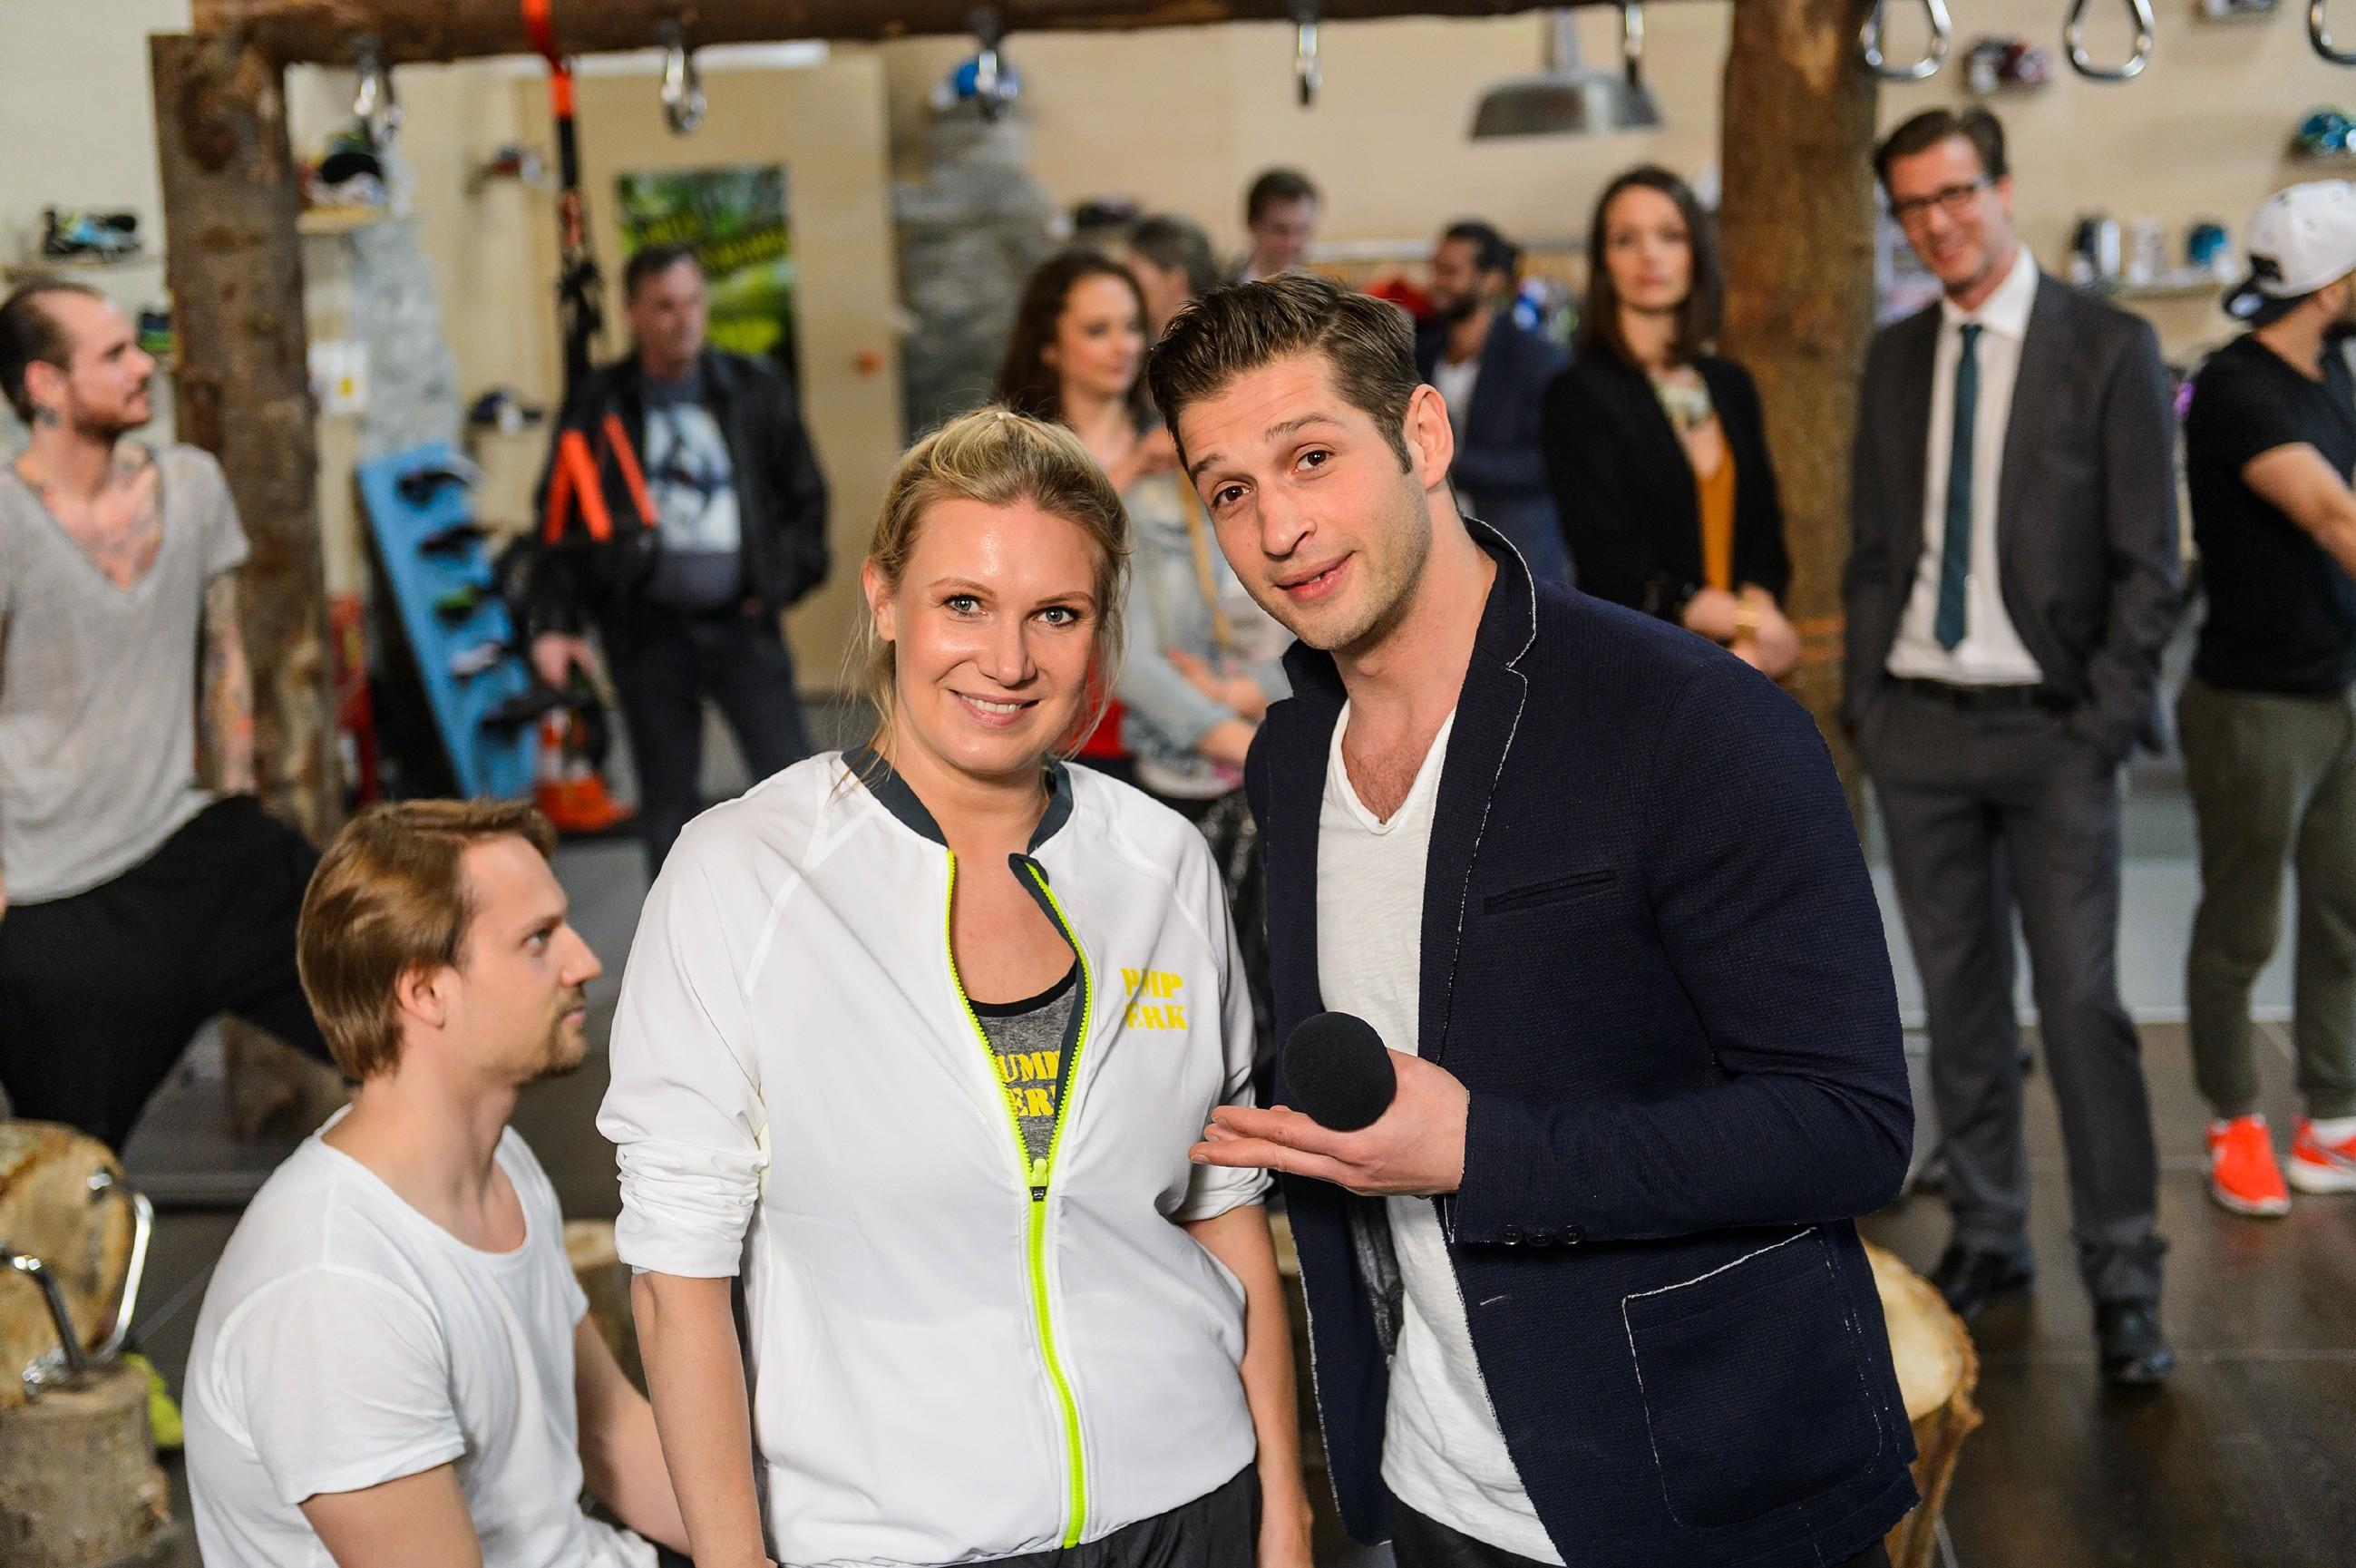 Deniz (Igor Dolgatschew) freut sich, bei der Eröffnung des Pumpwerks die erfolgreiche Turnerin Magdalena Brzeska begrüßen zu dürfen. (Quelle: RTL / Willi Weber)